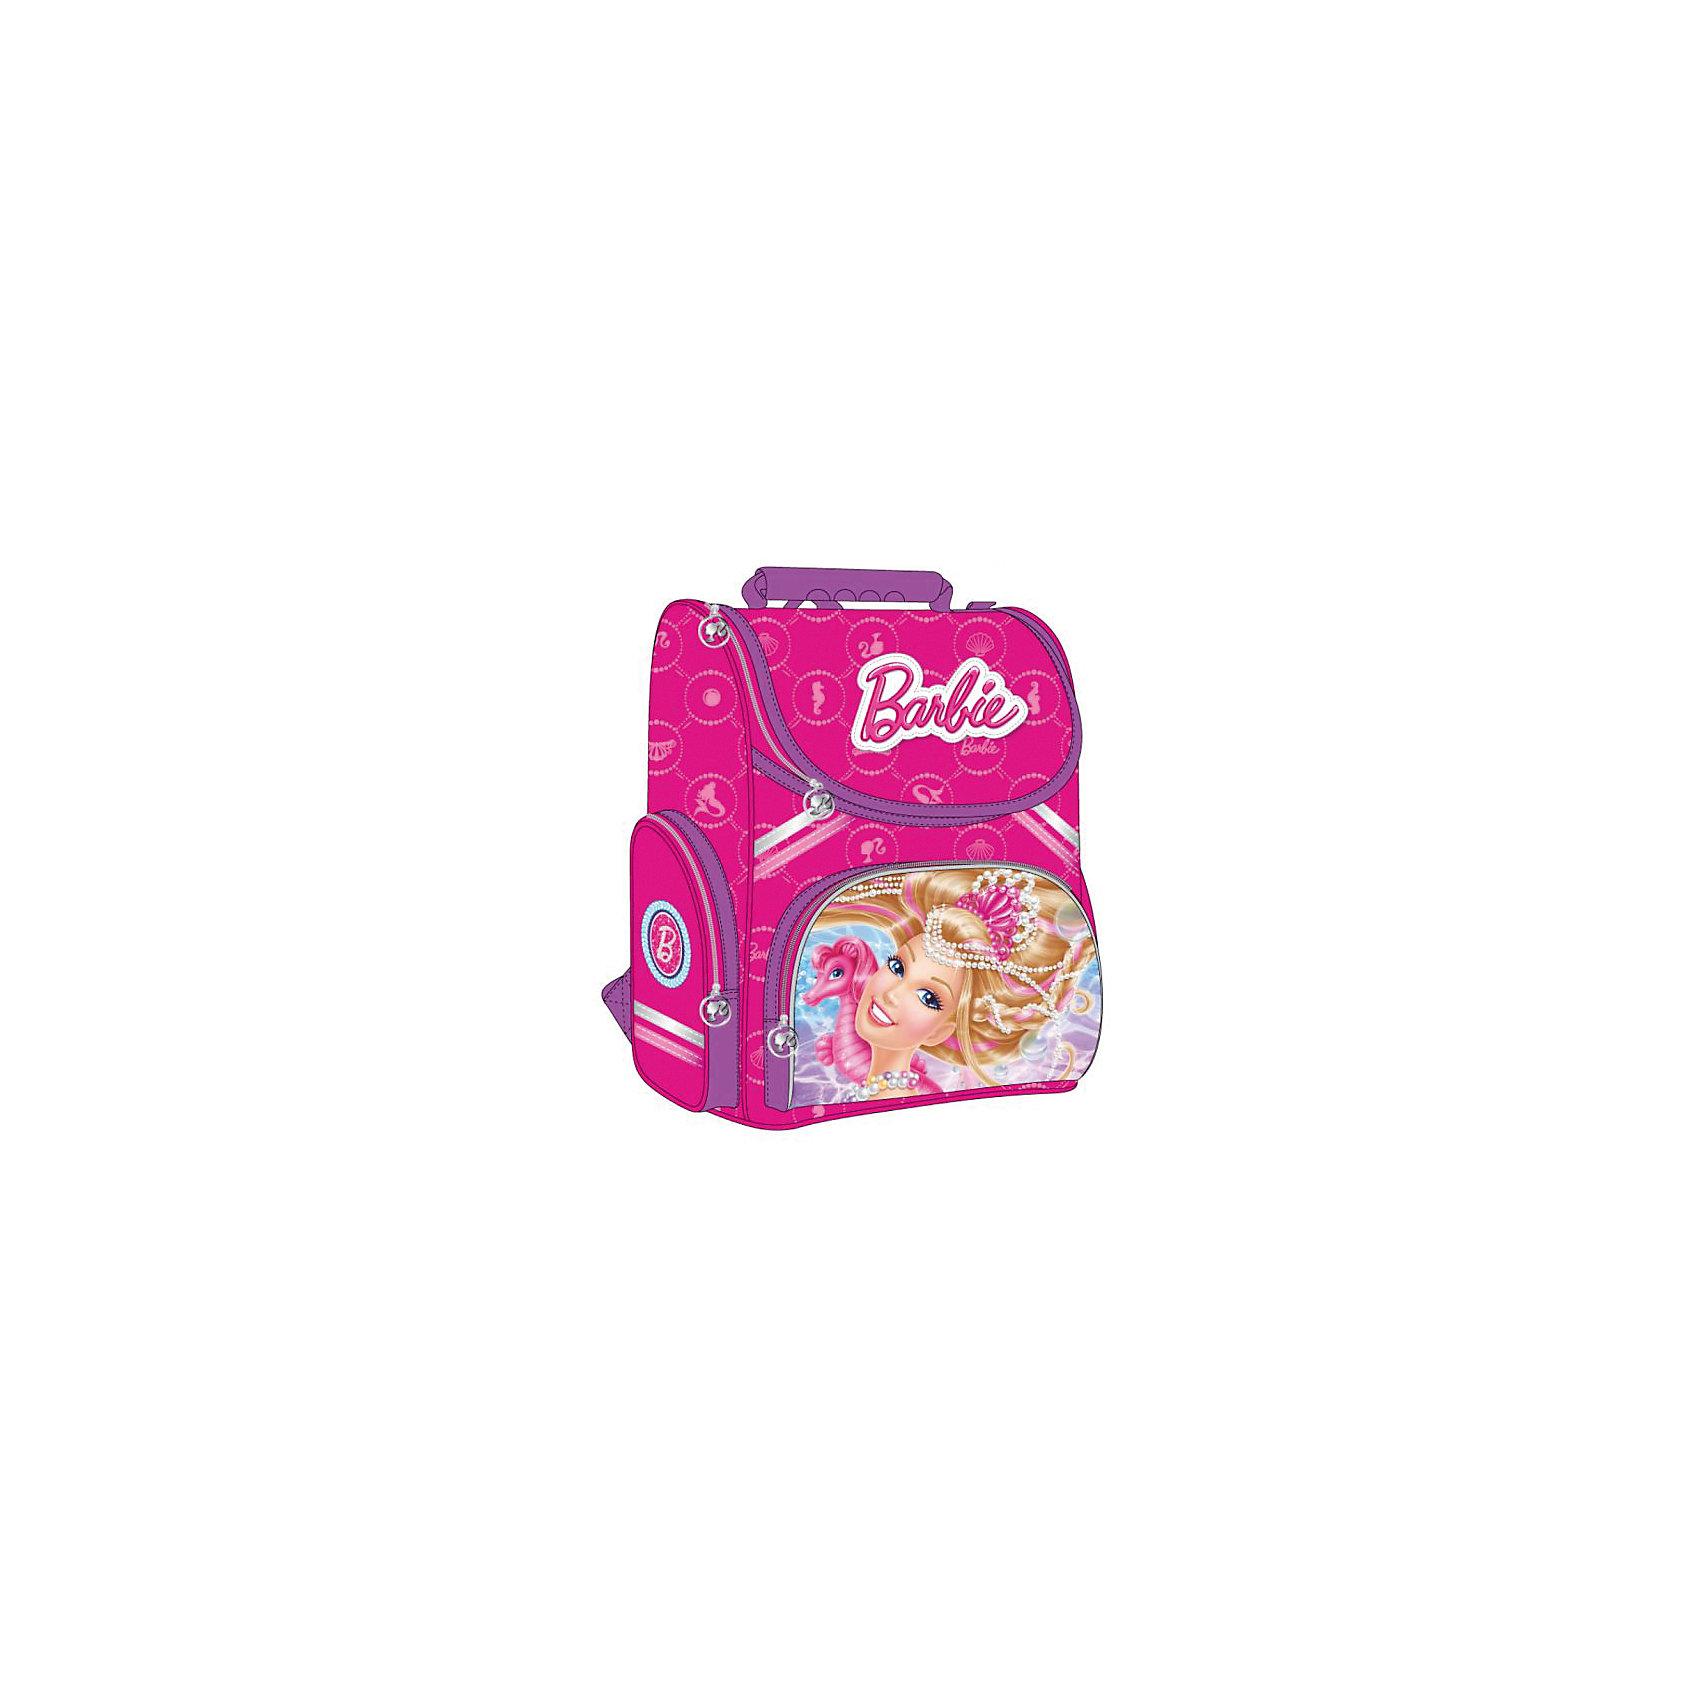 Школьный ранец, BarbieЯркий розовый рюкзак с любимицей всех девчонок - очаровательной Барби, обязательно понравится юным модницам. Рюкзак имеет облегченный корпус, светоотражающие элементы и регулируемые по длине лямки с мягкими накладками. Ортопедическая спинка со специальной дышащей системой обеспечивает комфорт и способствует улучшению осанки ребенка. Удобный механизм открывания позволит ребенку быстро и без посторонней помощи найти и вытащить из рюкзака все, что ему нужно. Модель имеет одно вместительное отделение с разделителями, передний карман на молнии, два боковых кармана для мелочей (один на молнии, другой из сетки).<br><br>Дополнительная информация:<br><br>- Материал: пластик, текстиль, полиэстер.<br>- Размер: 35 x 29x 16 см.<br>- Цвет: розовый.<br>- Тип застежки: молния.<br>- Количество отделений: 1<br>- Количество карманов: 3<br>- Ортопедическая спинка.<br>- Лямки регулируются по длине.<br>- Удобная ручка.<br>- Вес: 0,95кг.<br>- Подходит на рост: 122-134 см. <br><br>Рюкзак-ранец Barbie (Барби), Играем вместе, можно купить в нашем магазине.<br><br>Ширина мм: 850<br>Глубина мм: 370<br>Высота мм: 290<br>Вес г: 950<br>Возраст от месяцев: 72<br>Возраст до месяцев: 120<br>Пол: Женский<br>Возраст: Детский<br>SKU: 4028889